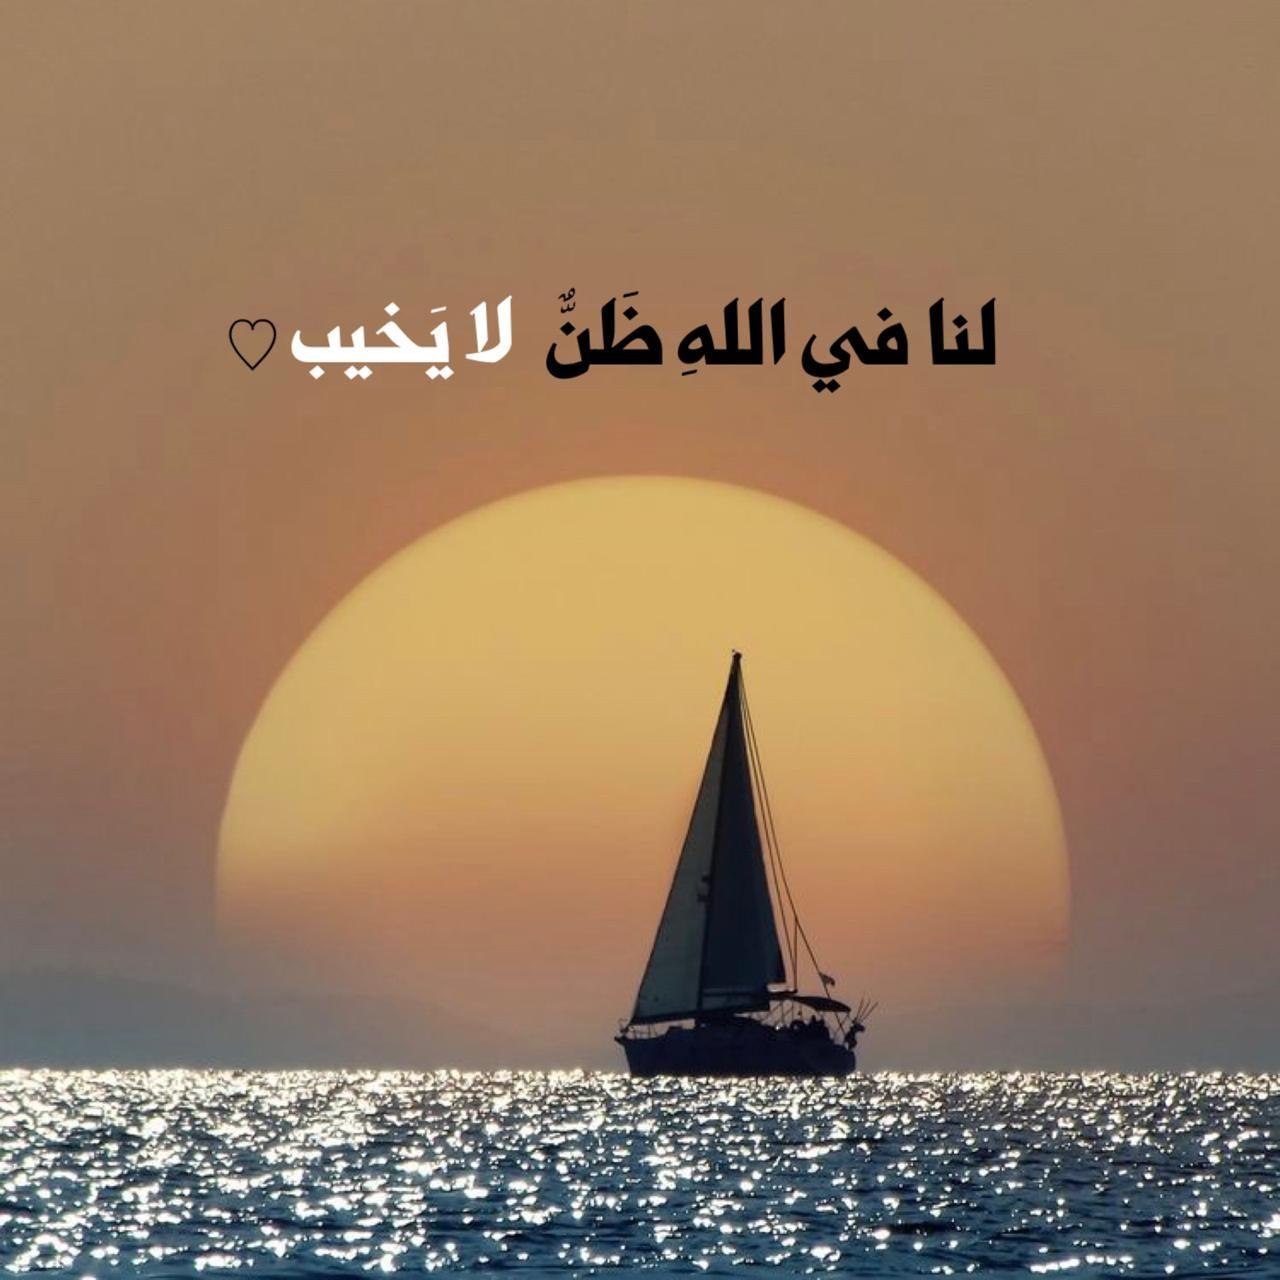 حسن الظن بالله Movie Posters Movies Poster